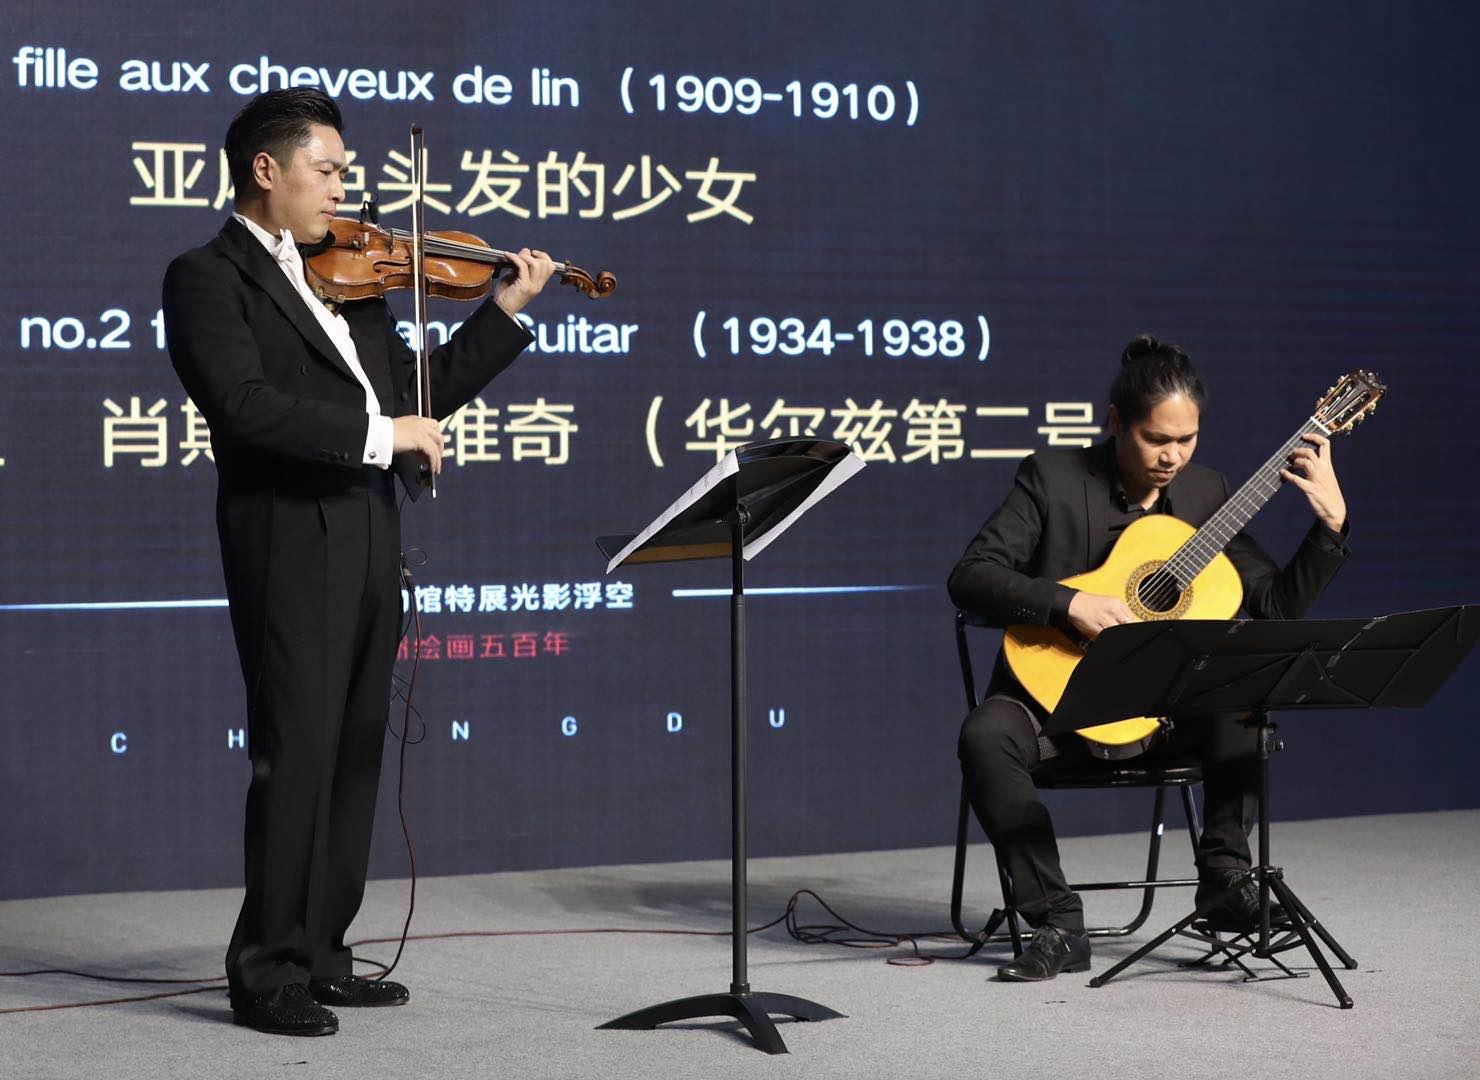 特別展【光影浮空-欧州絵画500年】-成都博物館